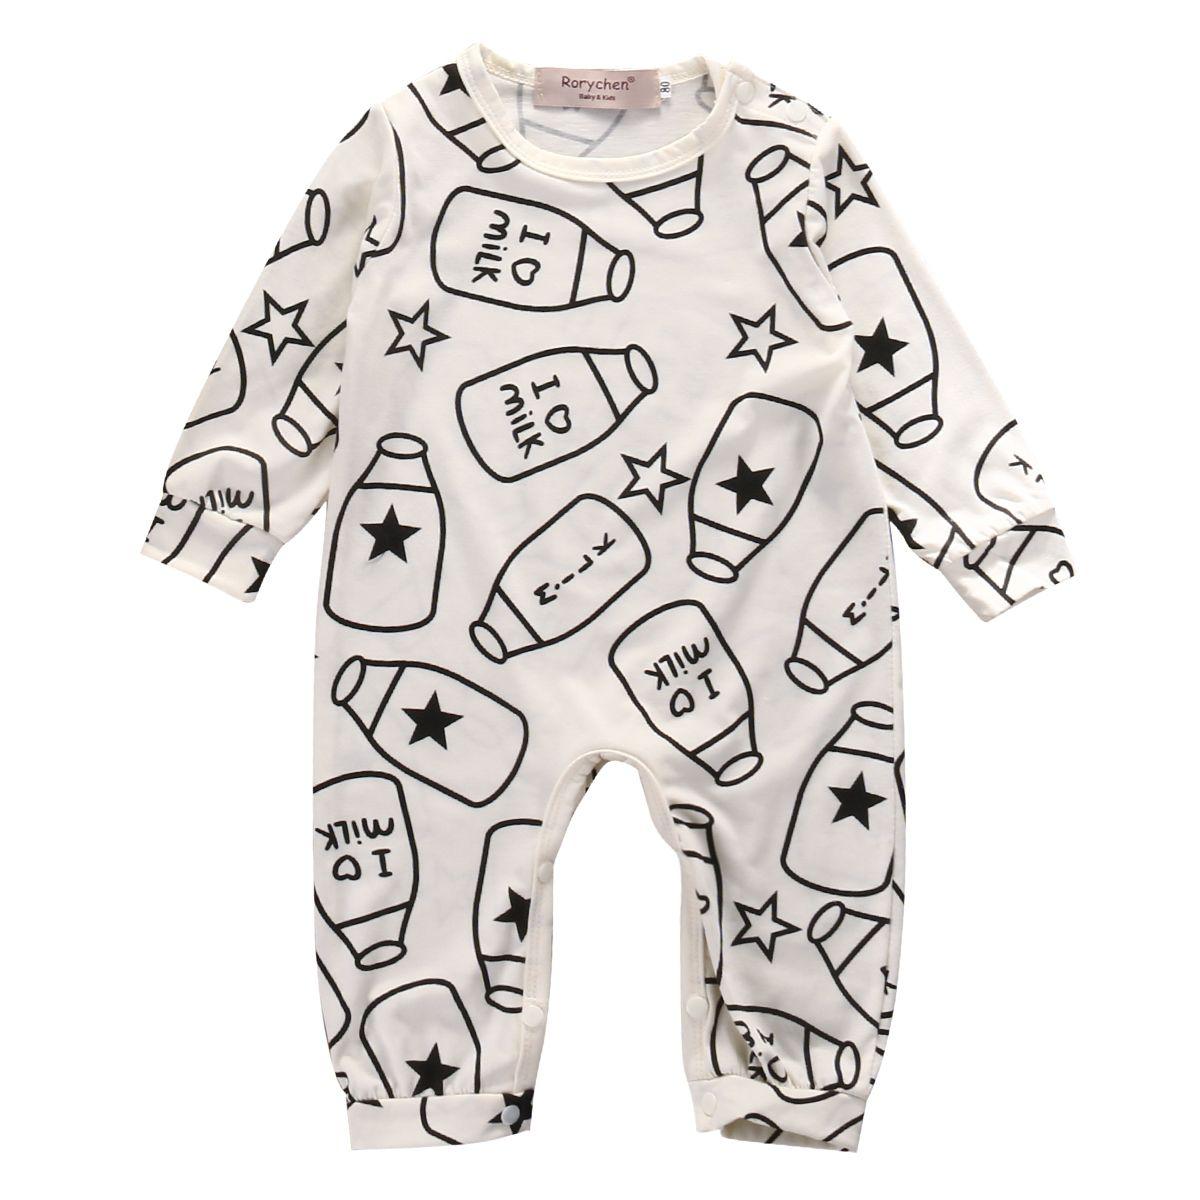 Bebê recém-nascido Roupa Romper Rapazes Meninas Garrafa Jumpsuit Leite bonito posters Roupas macacãozinho